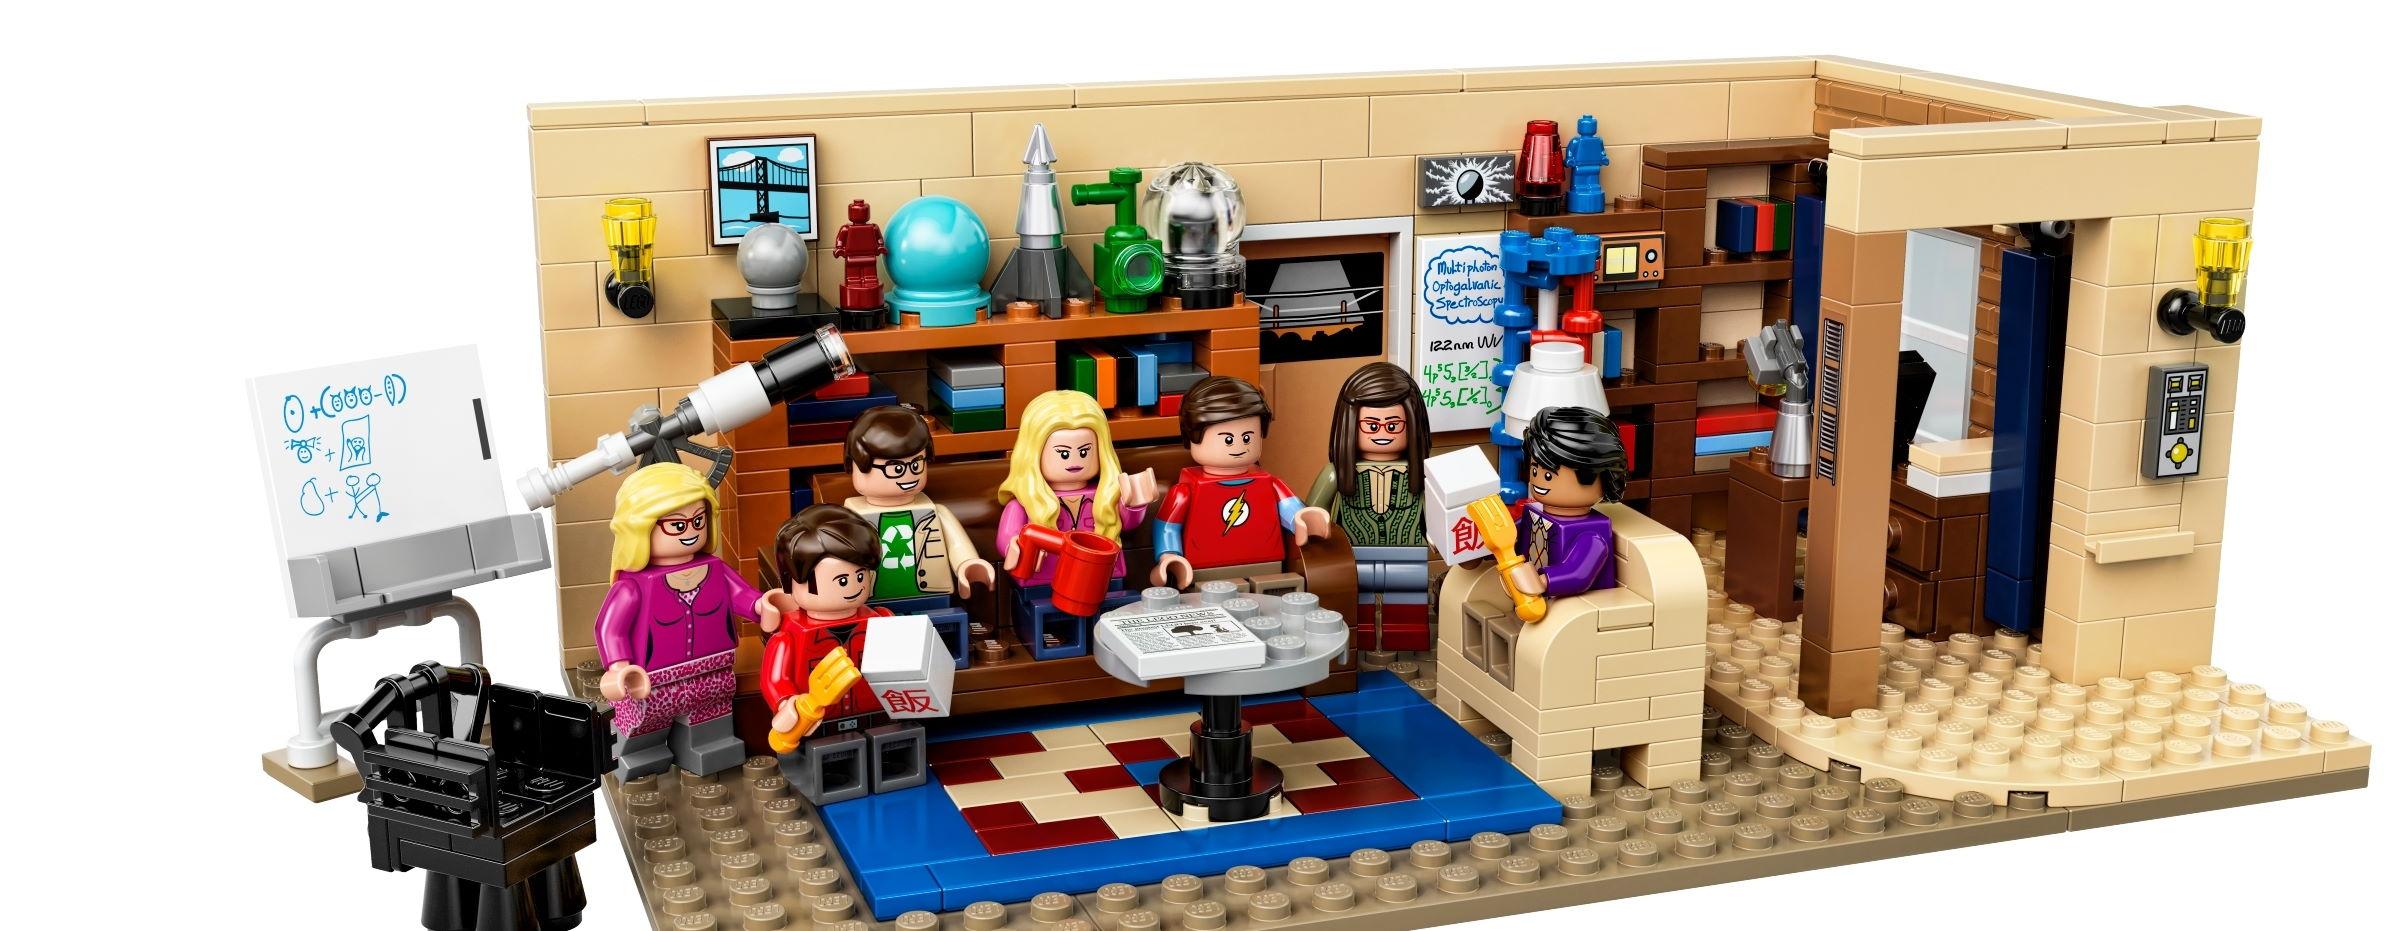 Das Big Bang Theory Set als Lego